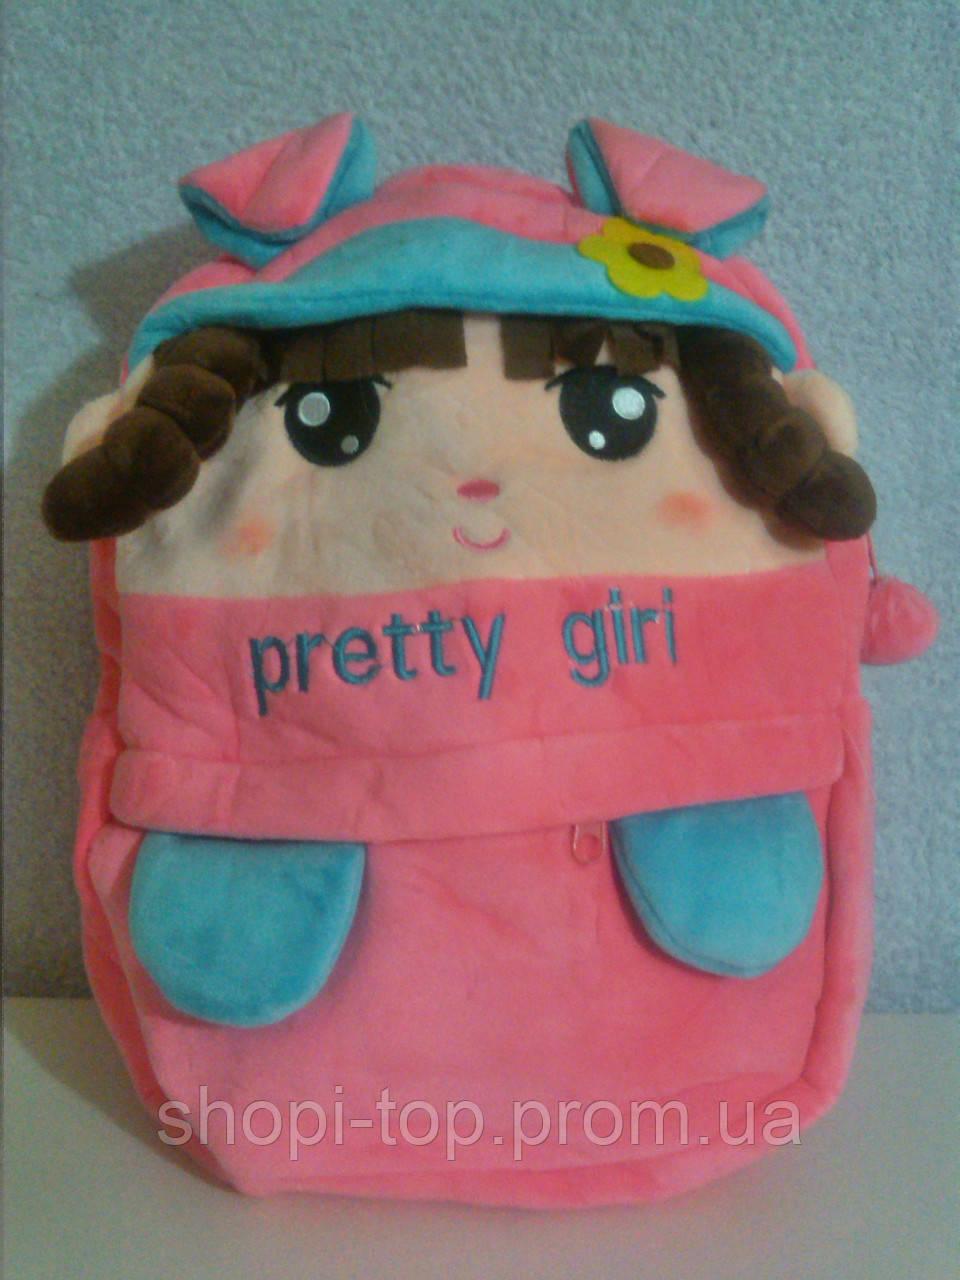 М'який плюшевий дитячий рюкзак pretty girl